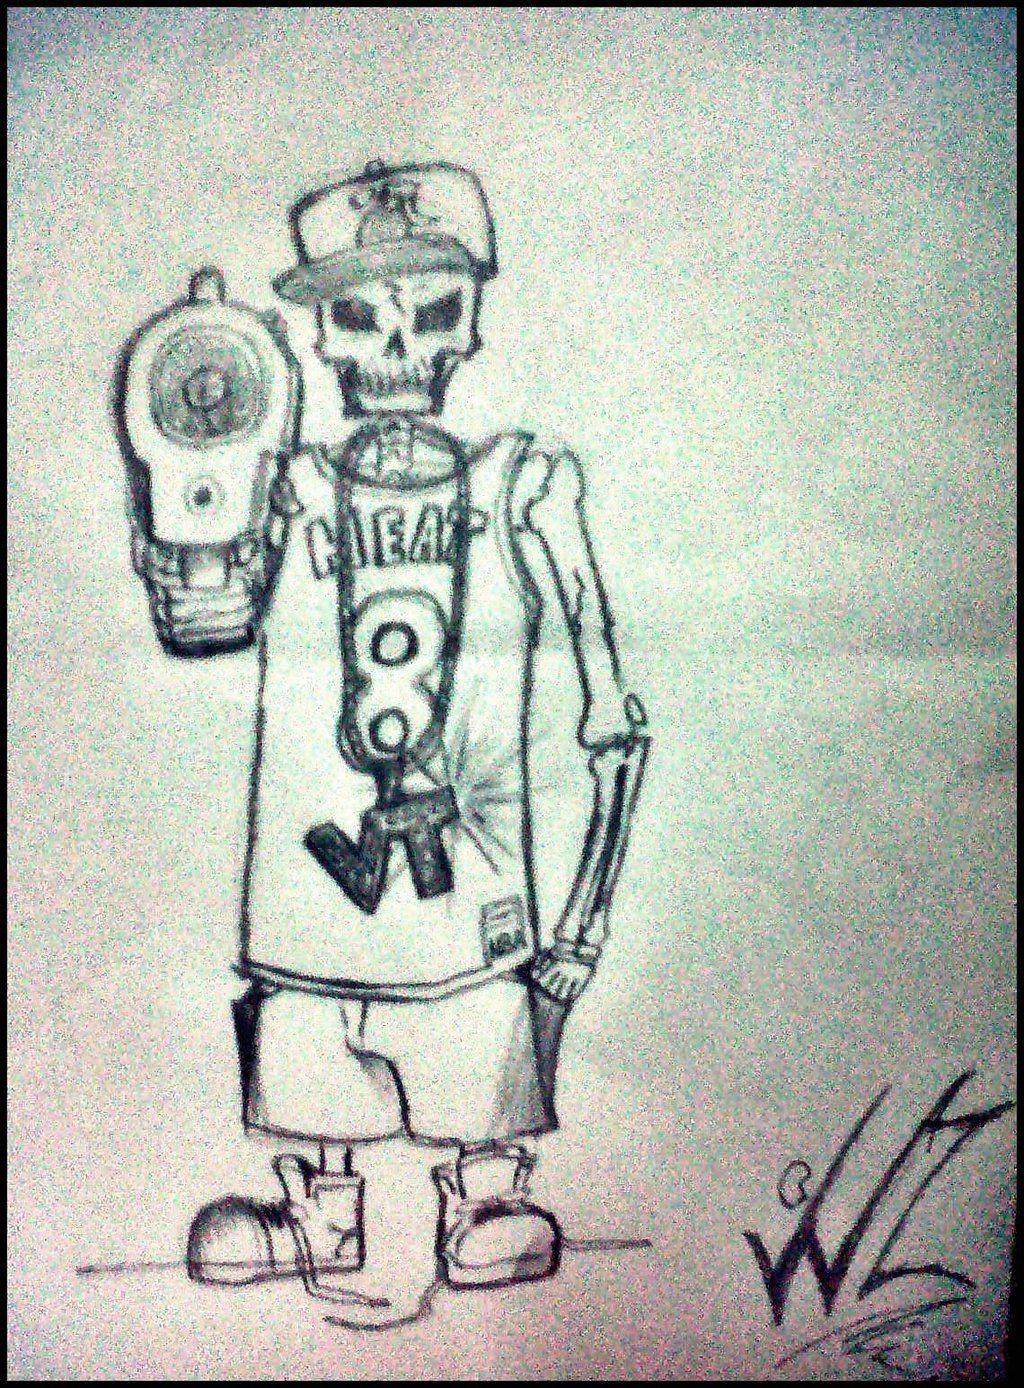 1024x1388 Gansta Skulls Gangsta Skull Tattoo By Kros22 Skulls And Bones